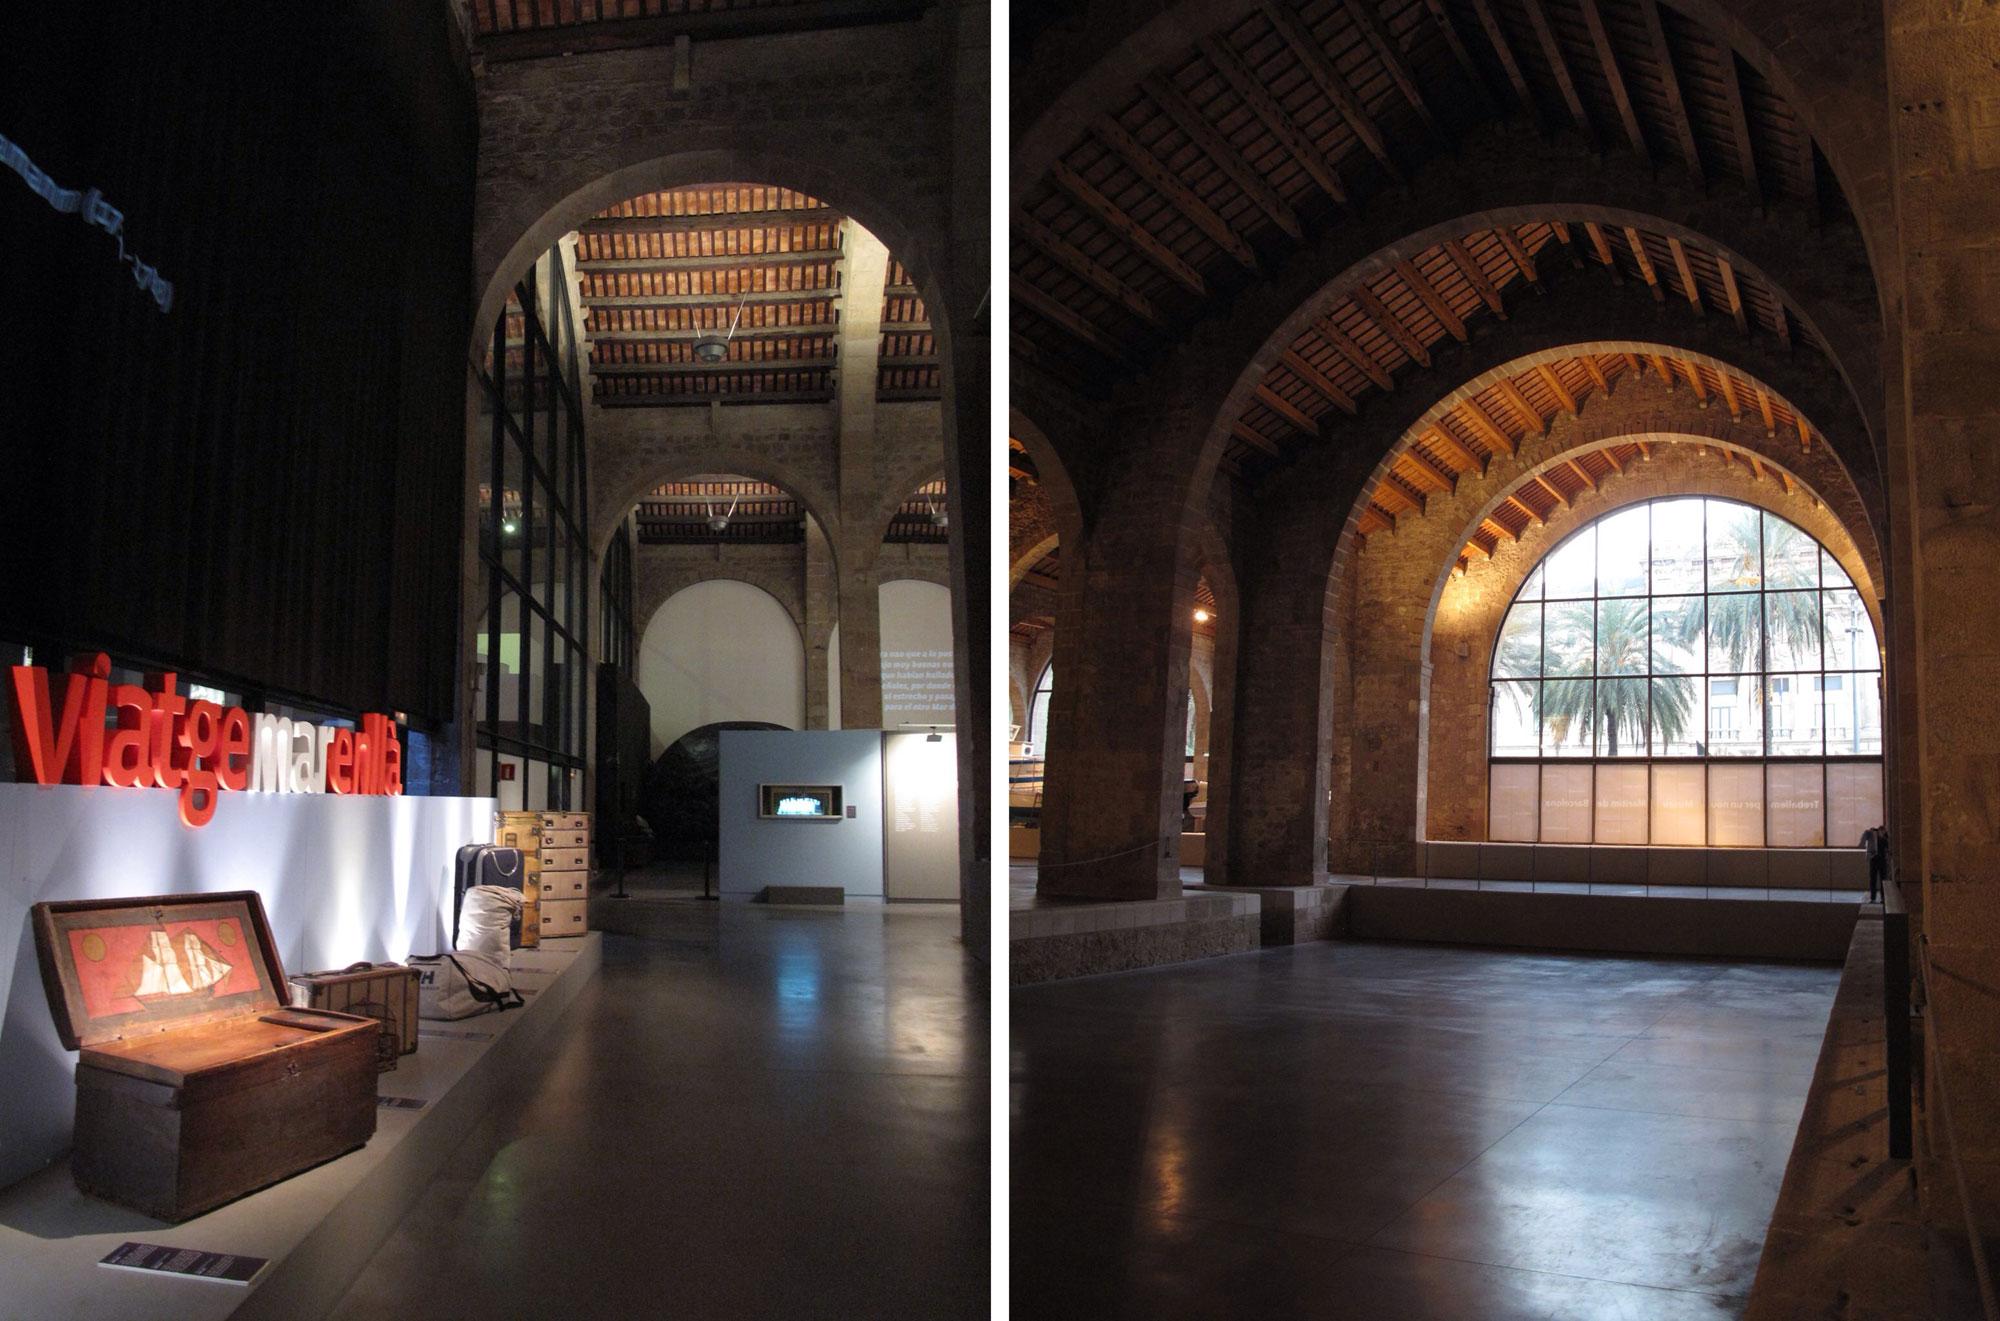 museo maritimo barcelona_exposicion_atarazanas reales